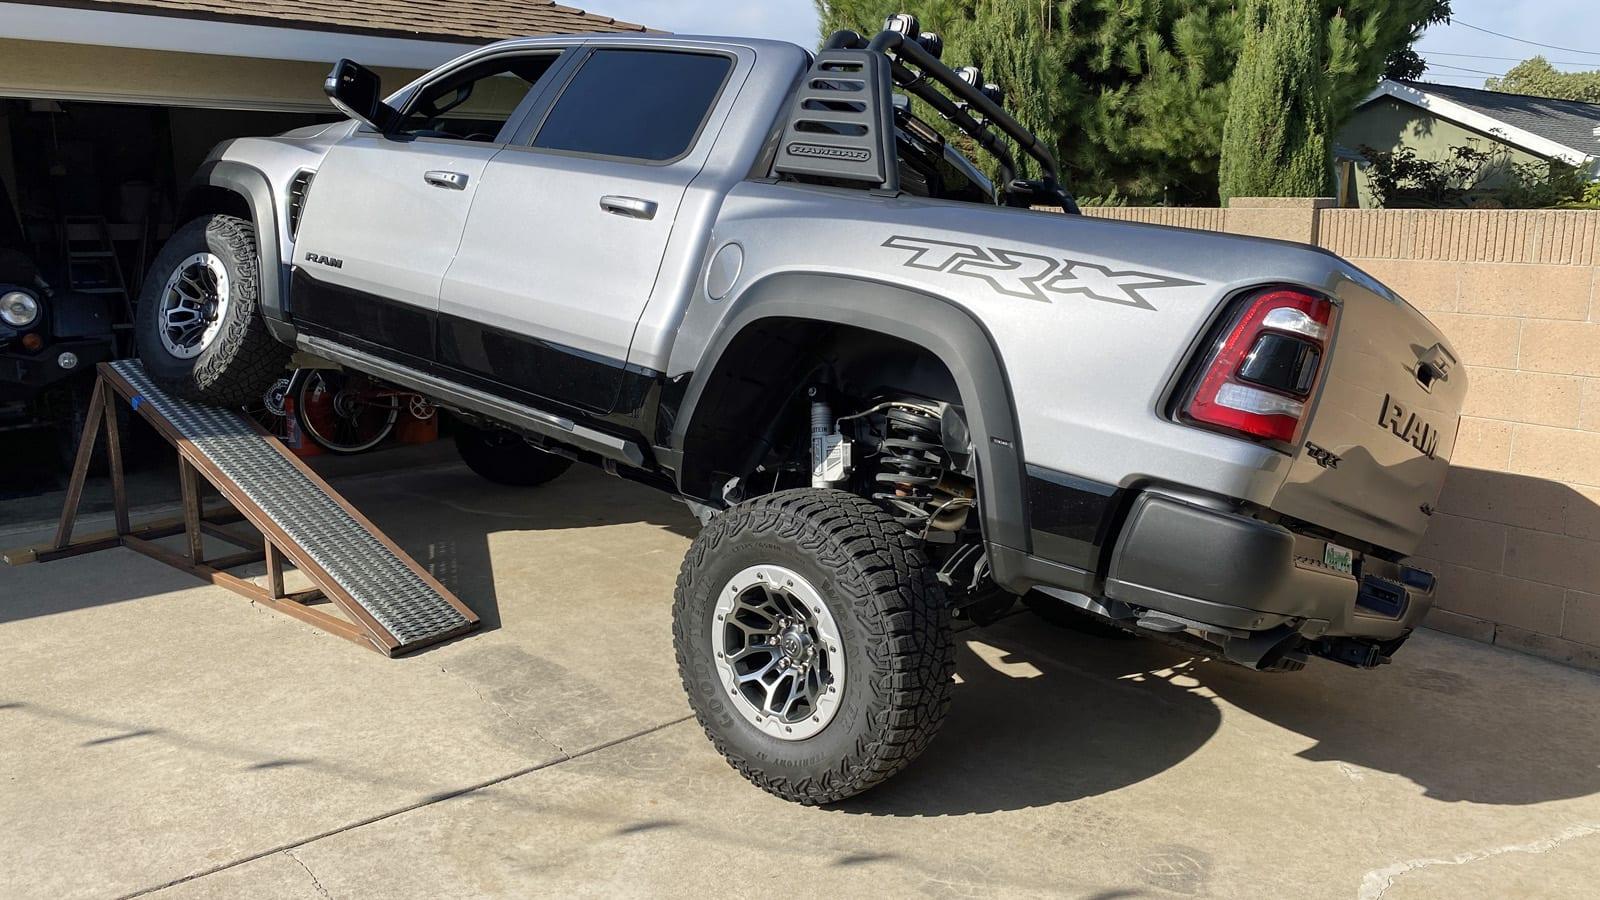 2021 Ford Raptor vs Ram TRX Technische Daten im Vergleich€